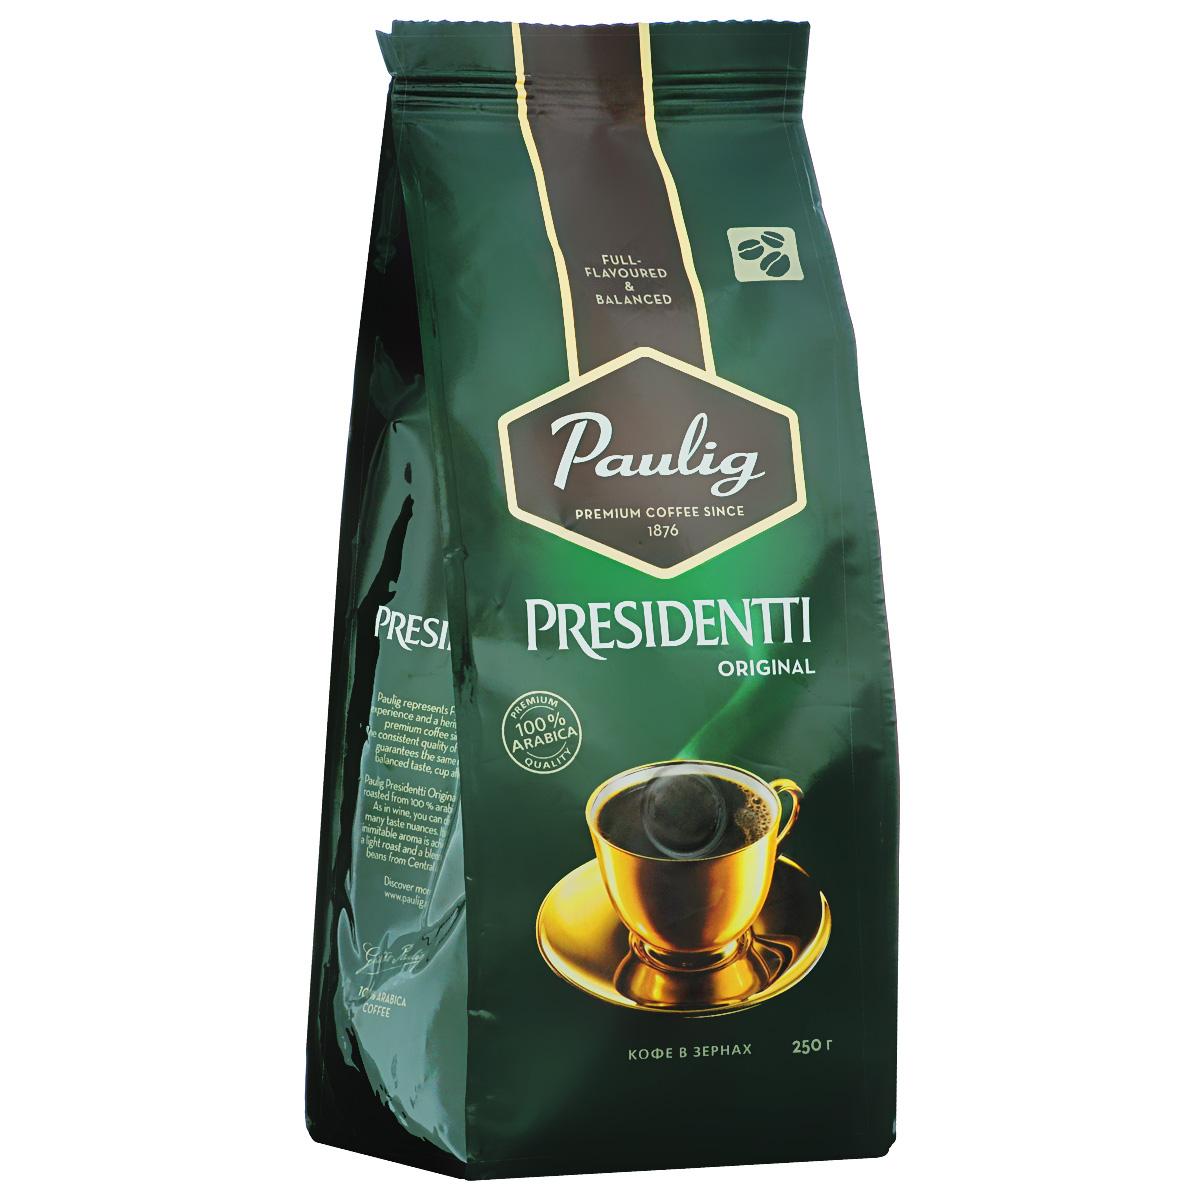 Paulig Presidentti Original кофе в зернах, 250 г16570В кофе Paulig Presidentti Original, приготовленном из обжаренных зерен 100% арабики, вы откроете различные оттенки вкуса. Насыщенный,неподражаемый аромат достигается благодаря смеси кофейных зерен светлой обжарки из Центральной Америки.